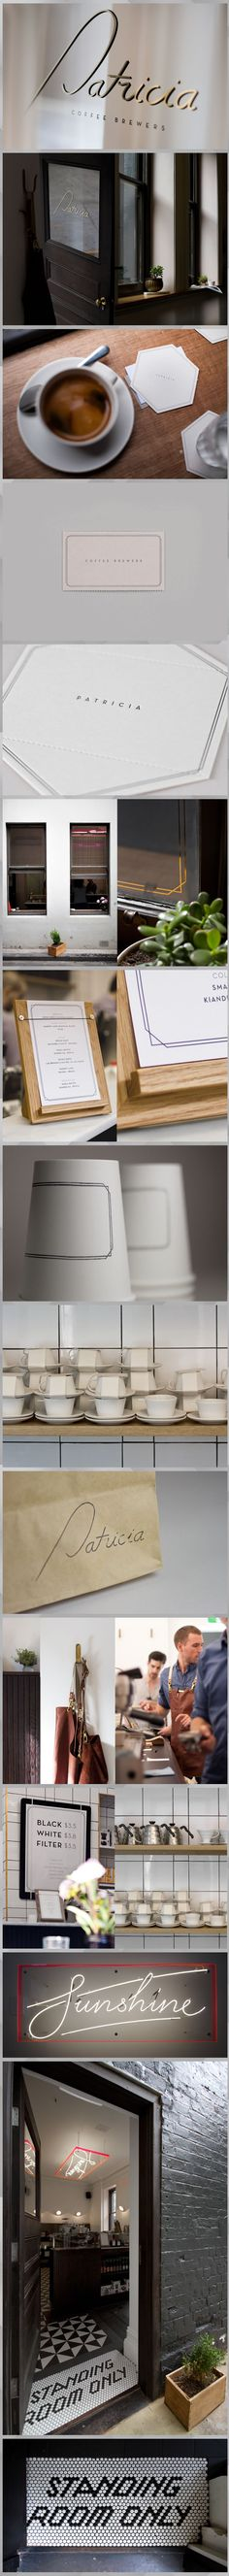 http://btpdesign.com/work/showcase/patricia